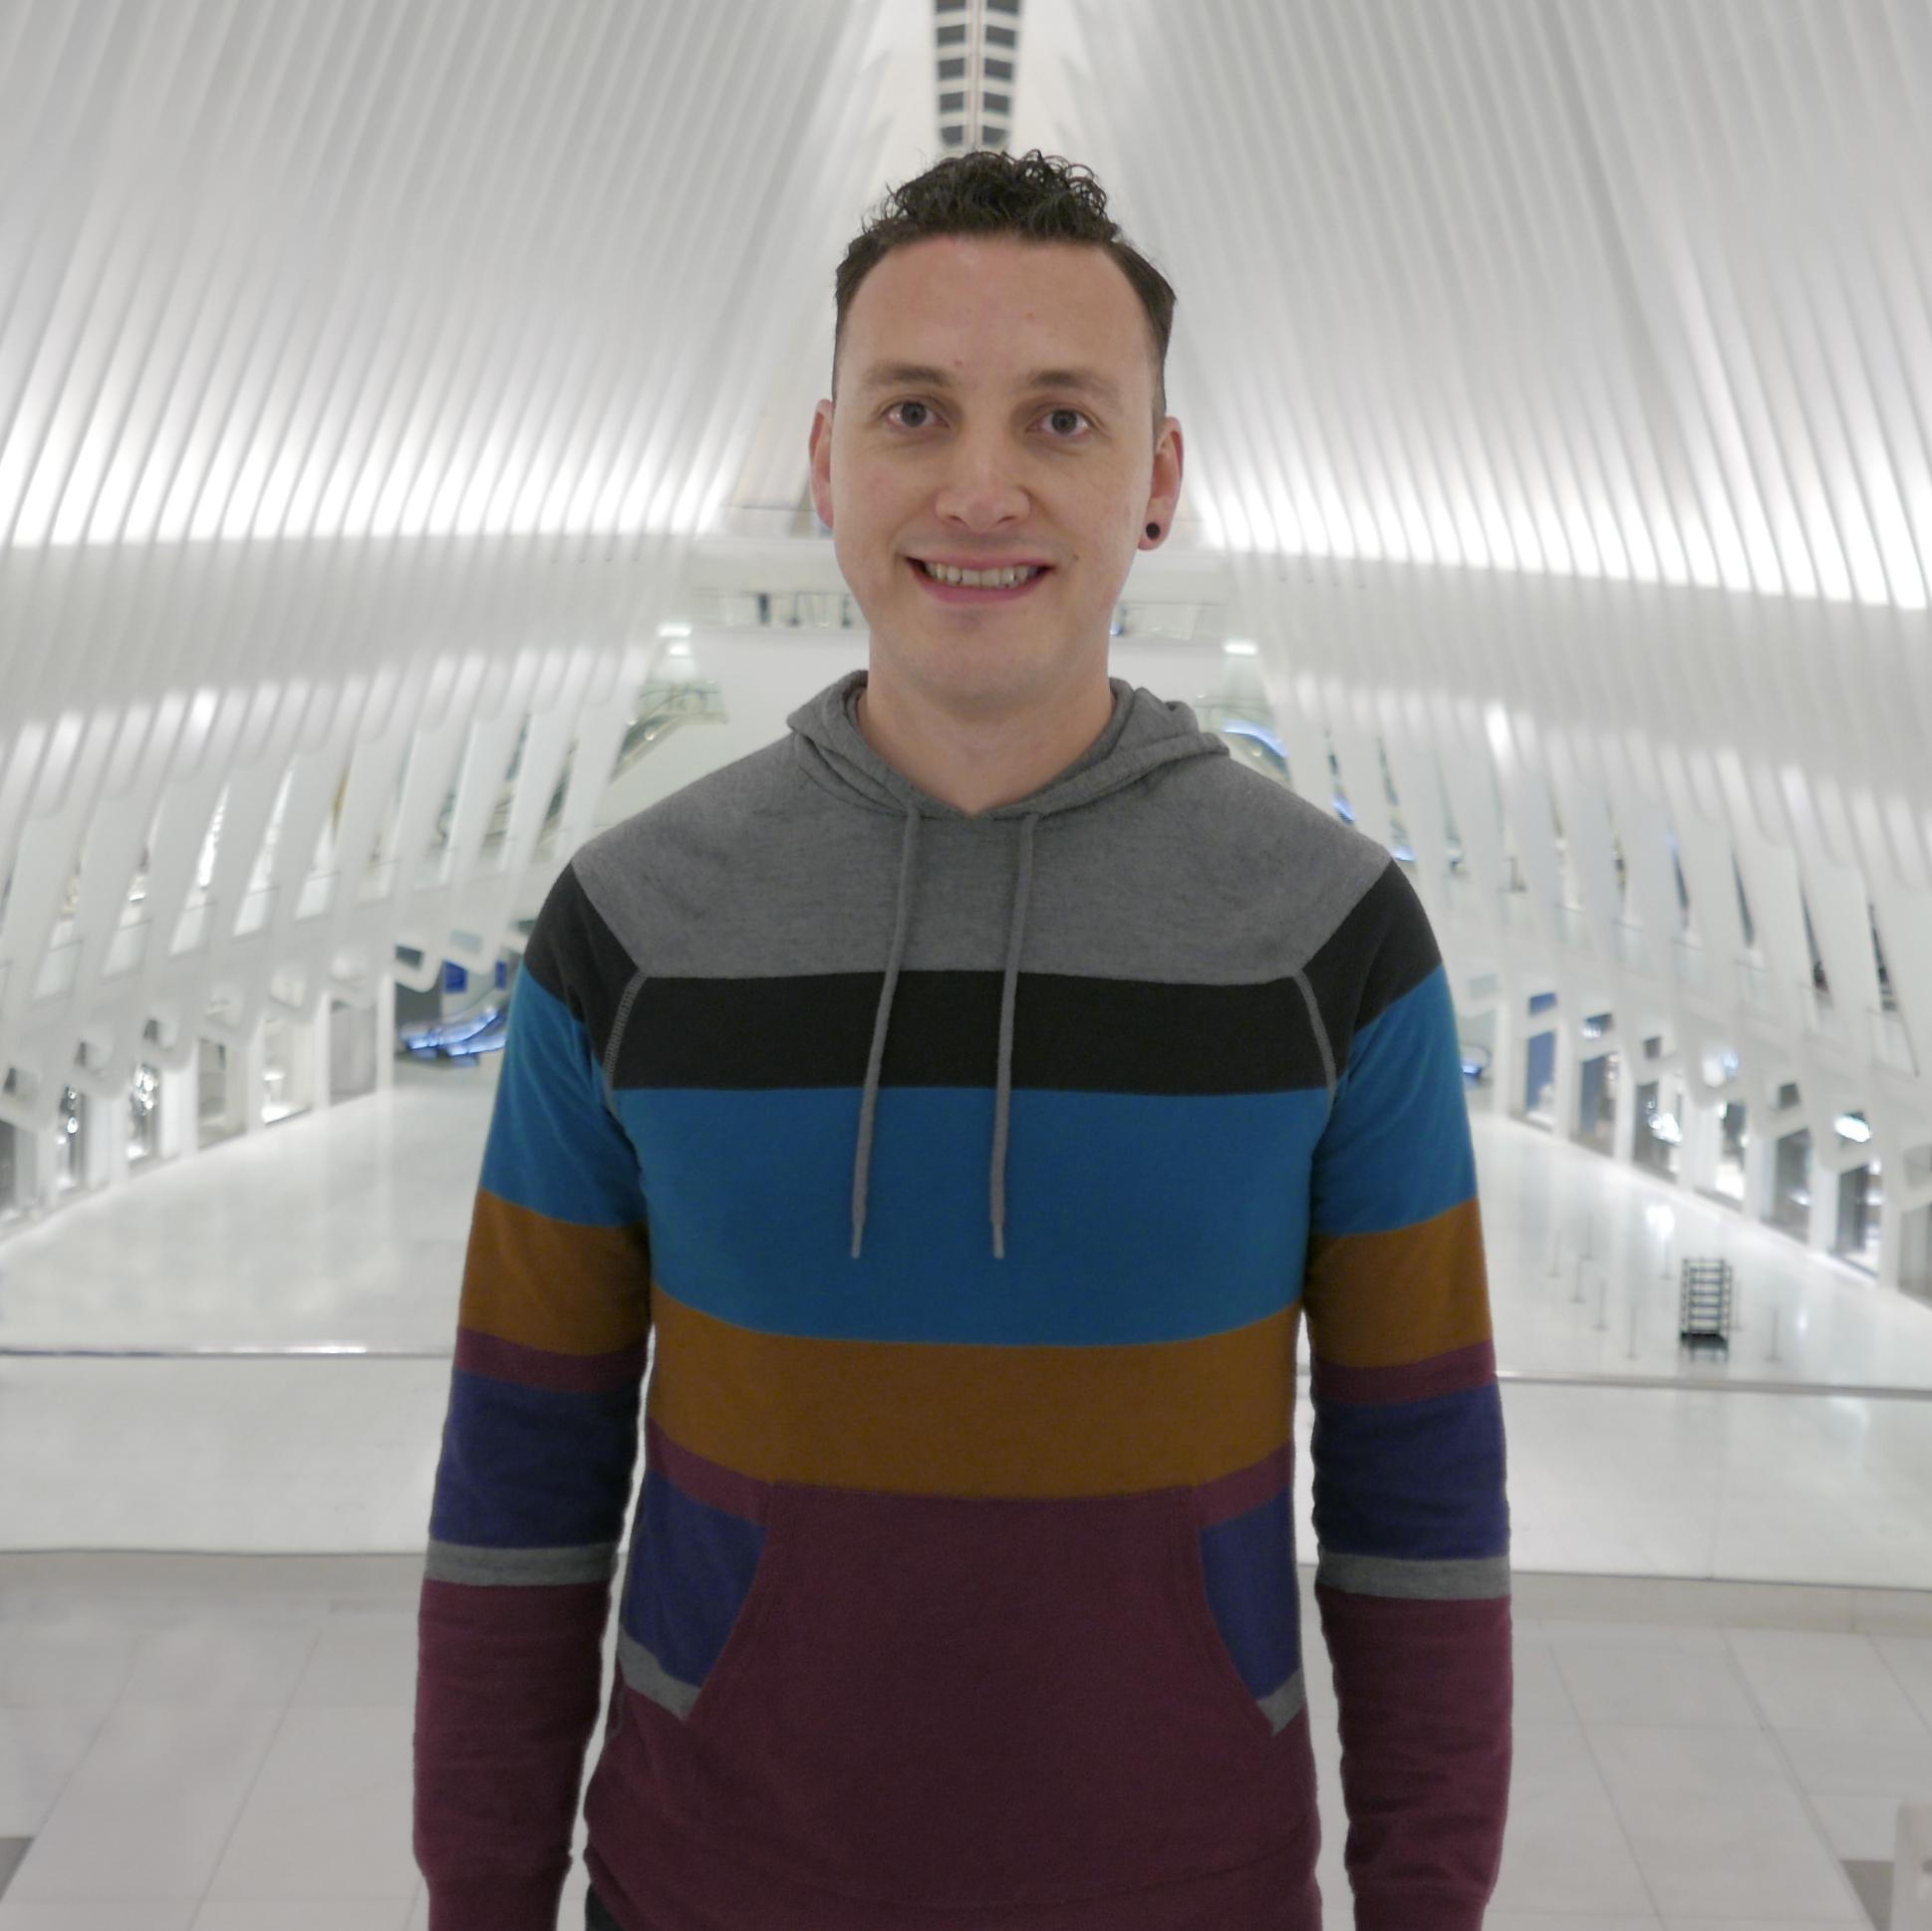 Paco Orbú